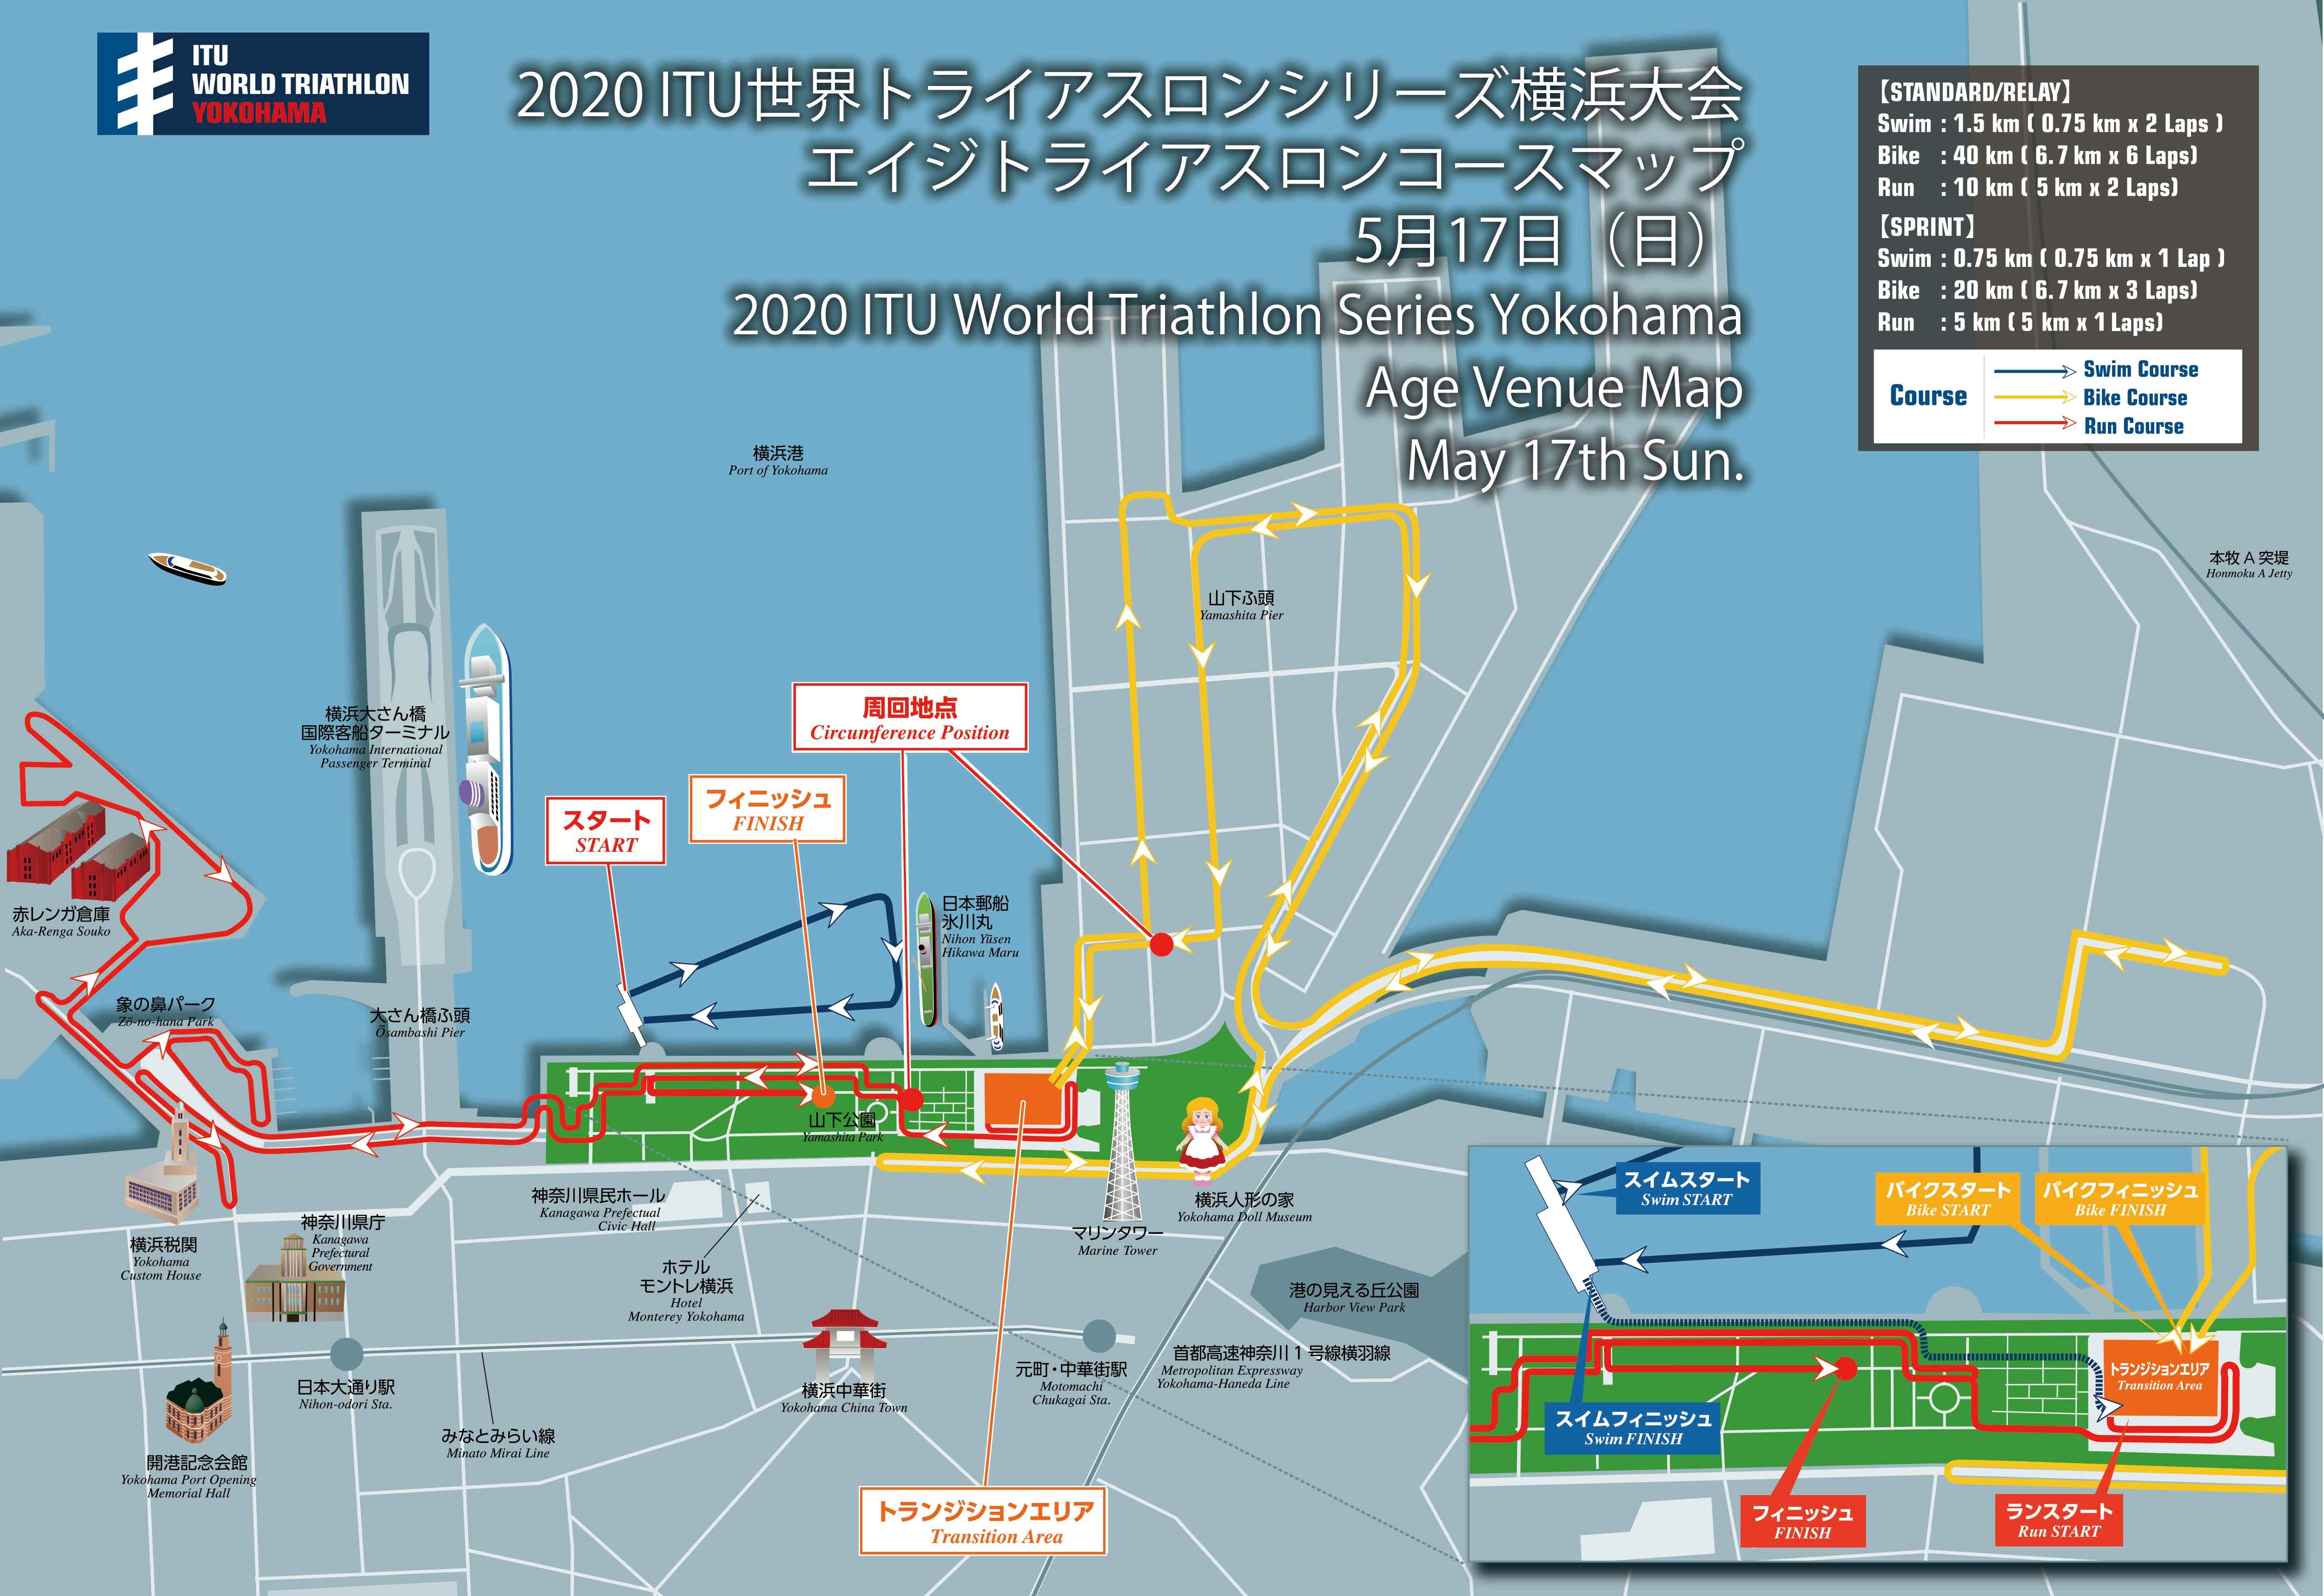 コースマップ(エイジグループ)